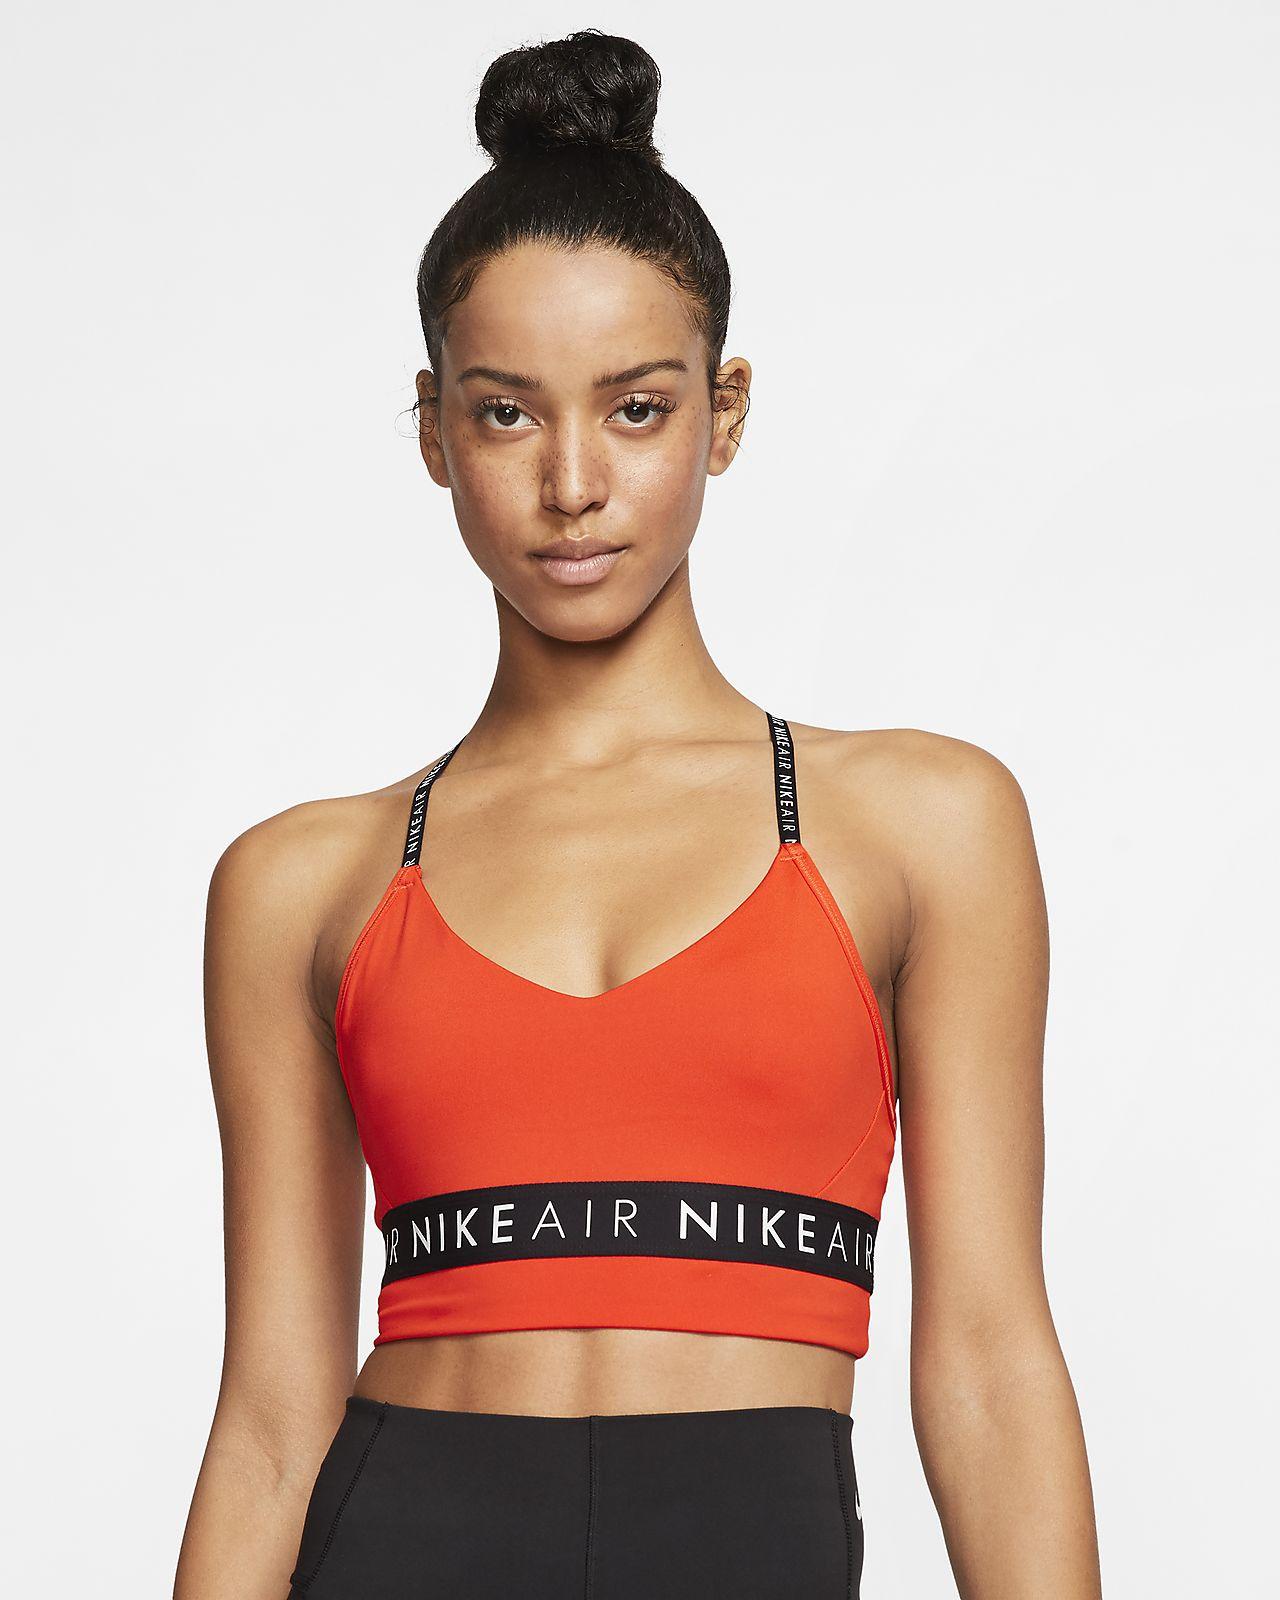 Bra a sostegno leggero Nike Air Indy - Donna